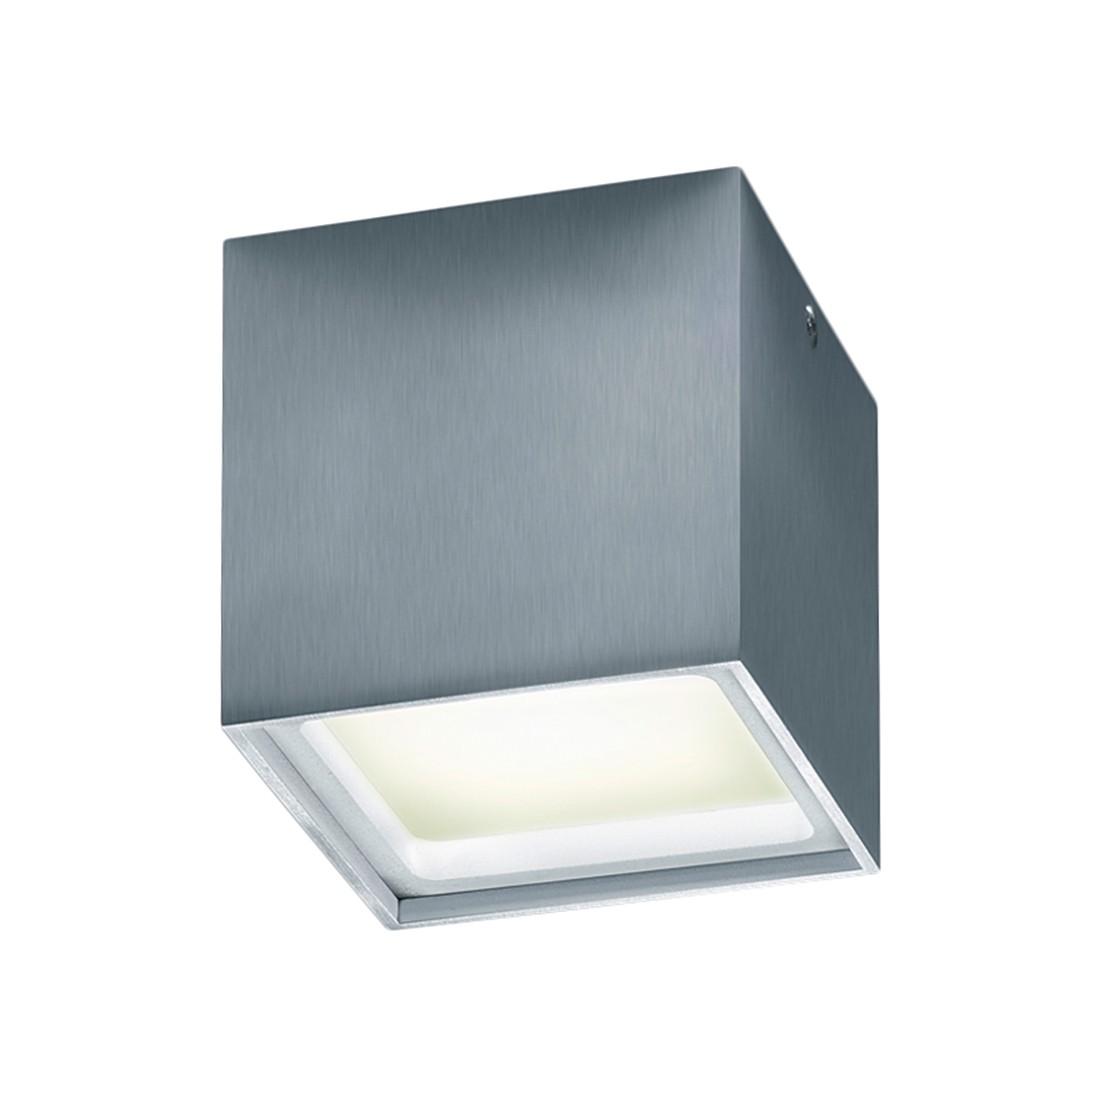 home24 Deckenleuchte SIRI LED